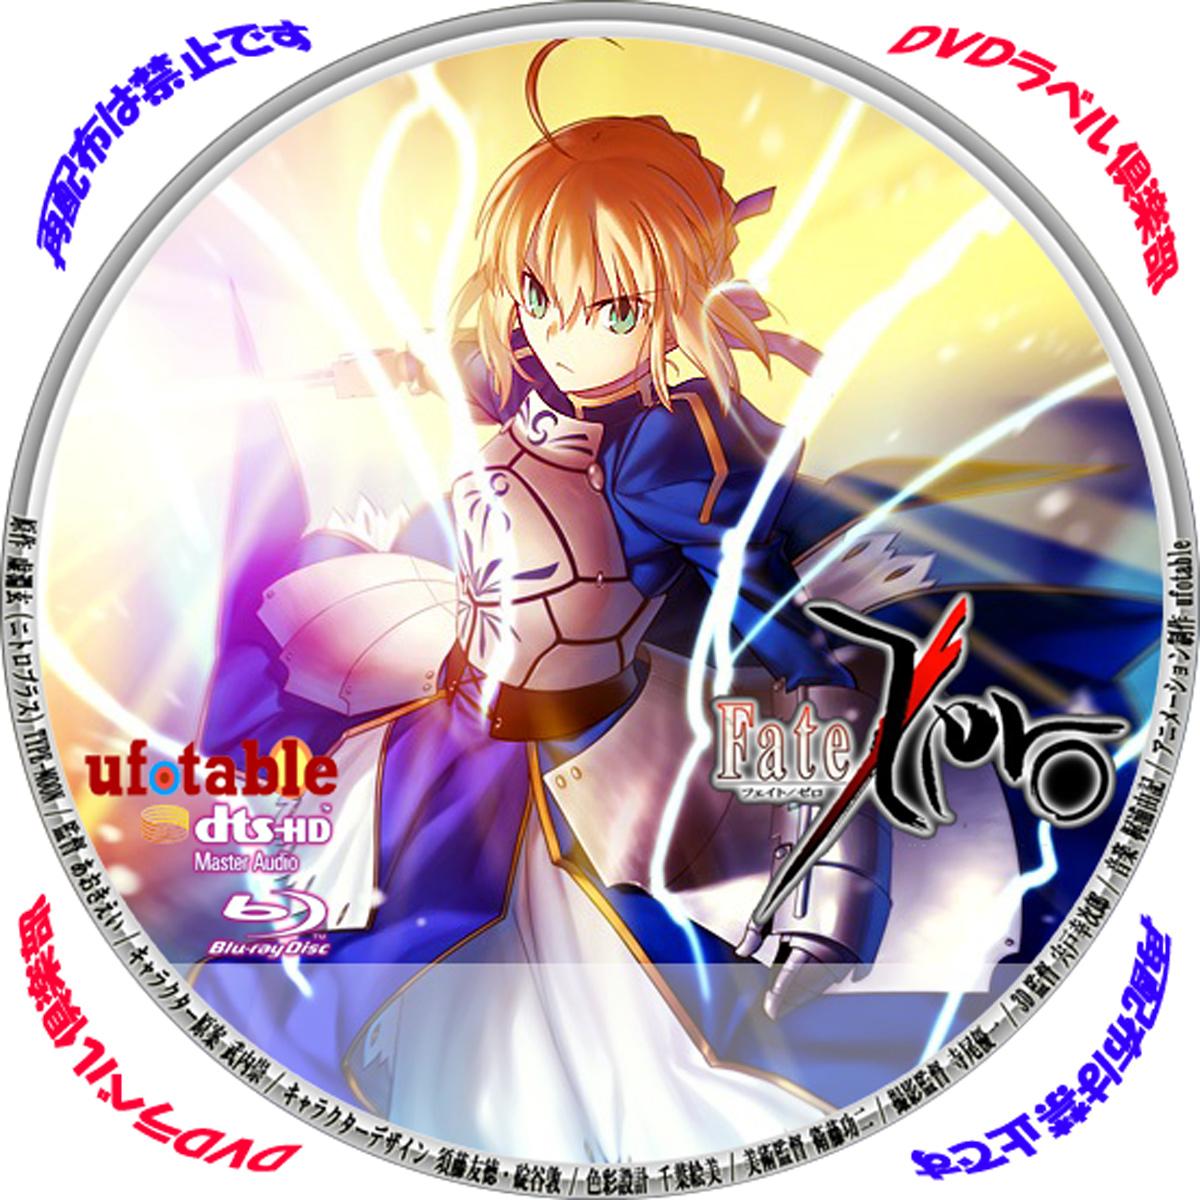 DVDラベル倶楽部Fate/Zero(フェイト/ゼロ) | アニメ テレビ録画用 ブルーレイラベルトラックバックURL